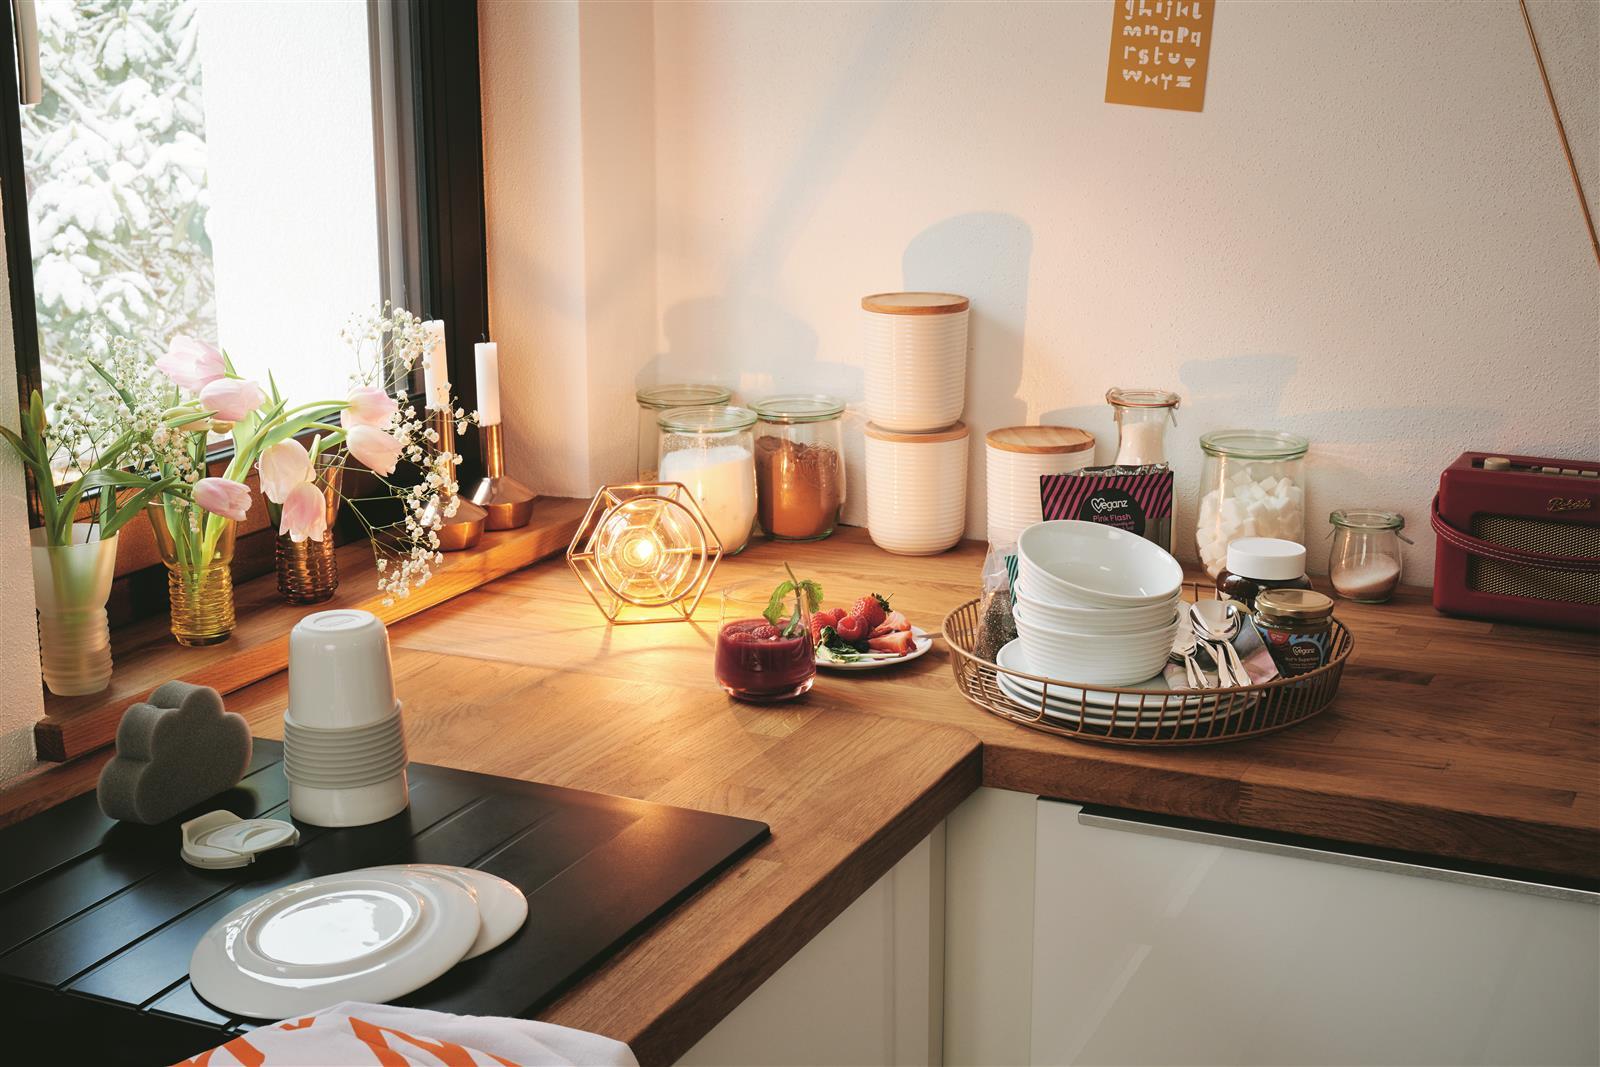 rosenthal thomas geschirr set brunch ono wei 8 teilig eur 43 52. Black Bedroom Furniture Sets. Home Design Ideas